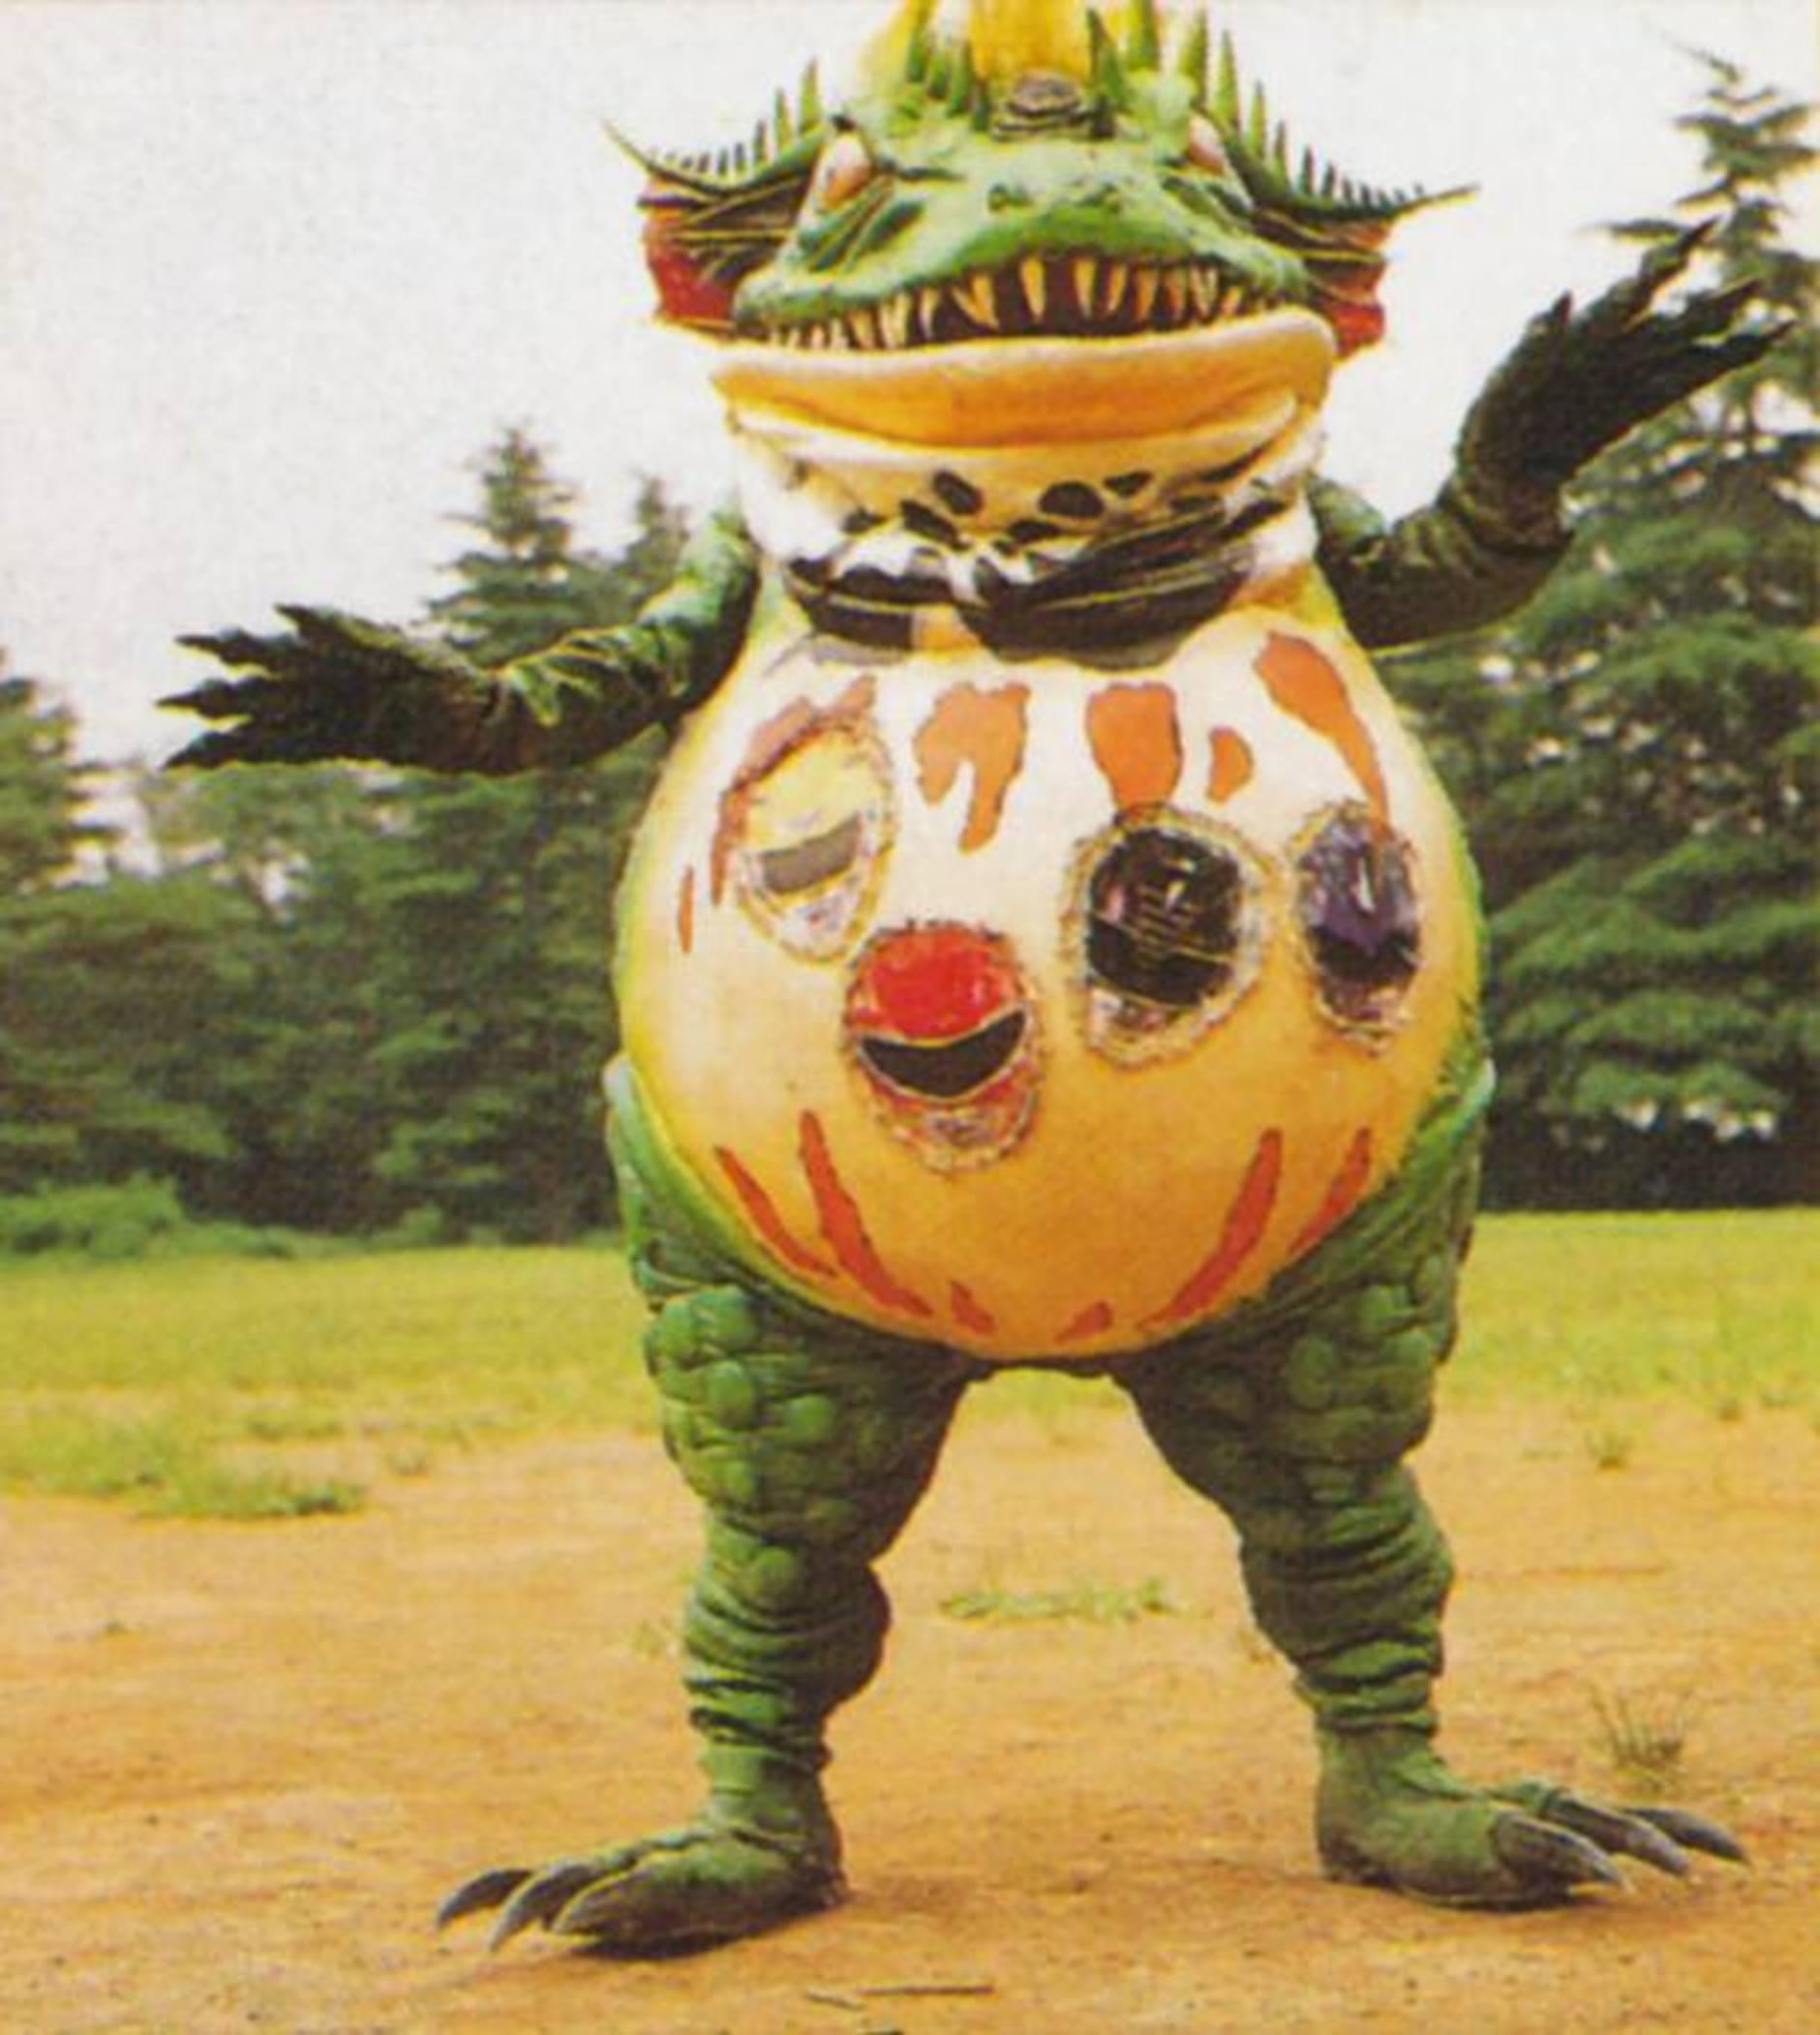 Terror Toad